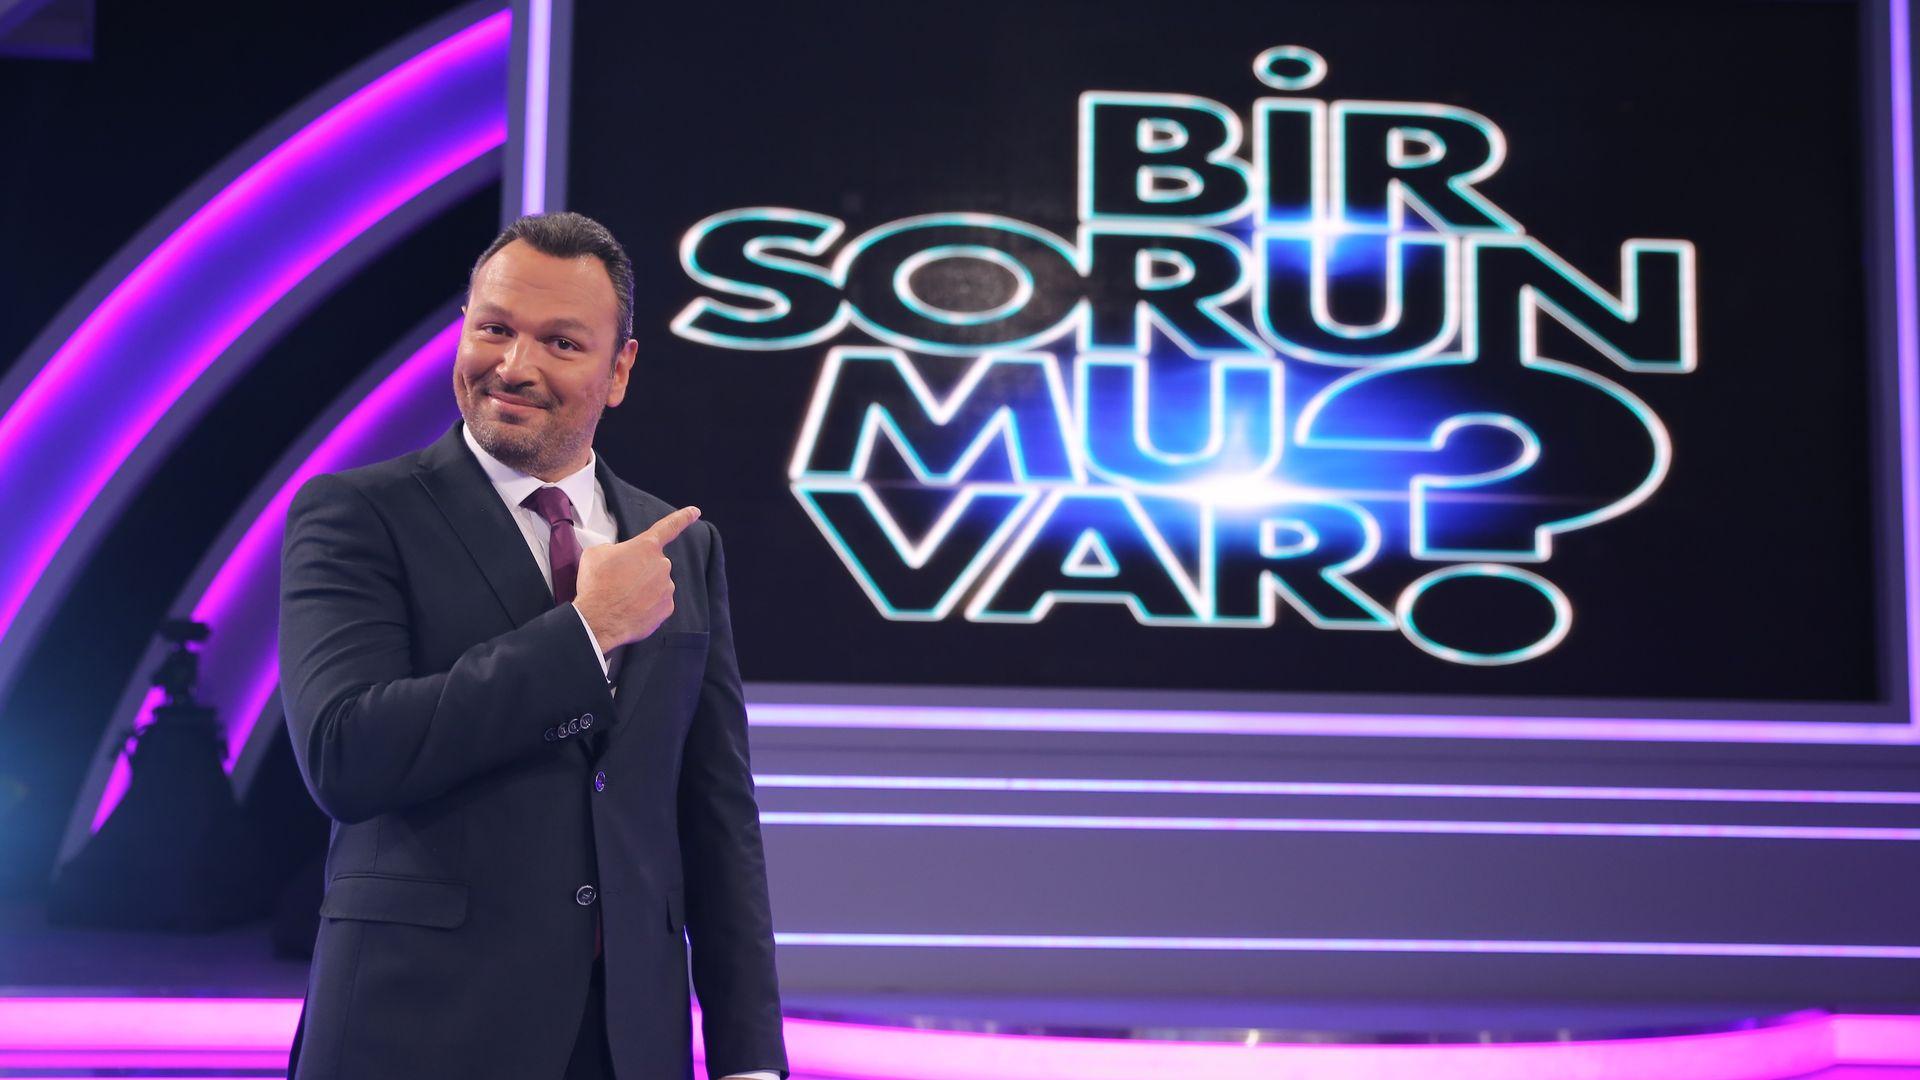 'Bir Sorun Mu Var?' yakında Show TV'de başlıyor!